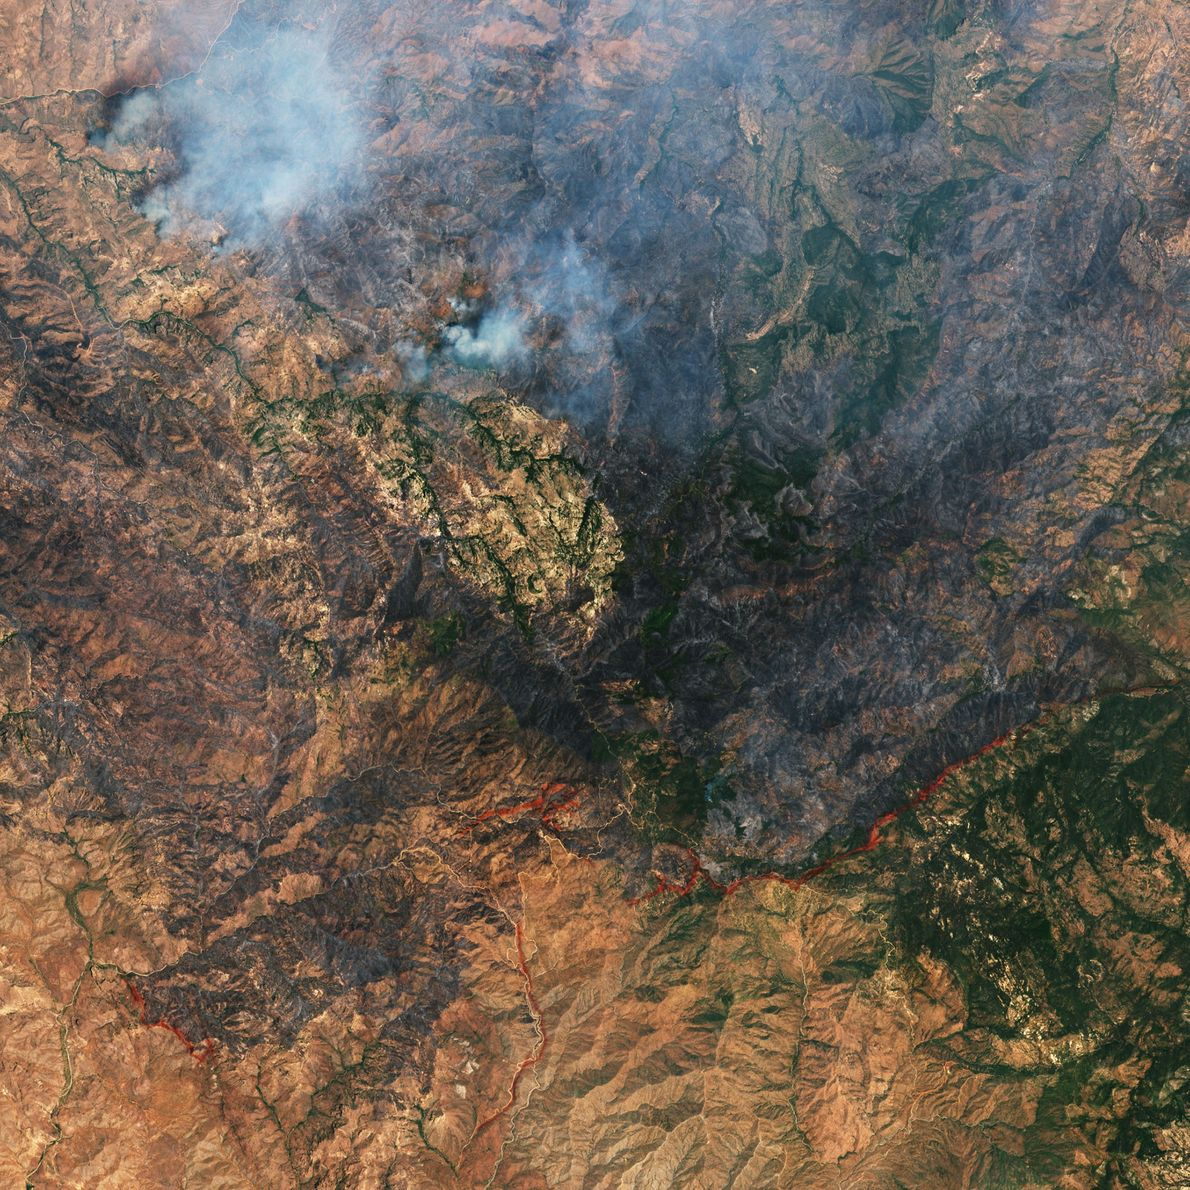 Incendio en Phoenix, Arizona